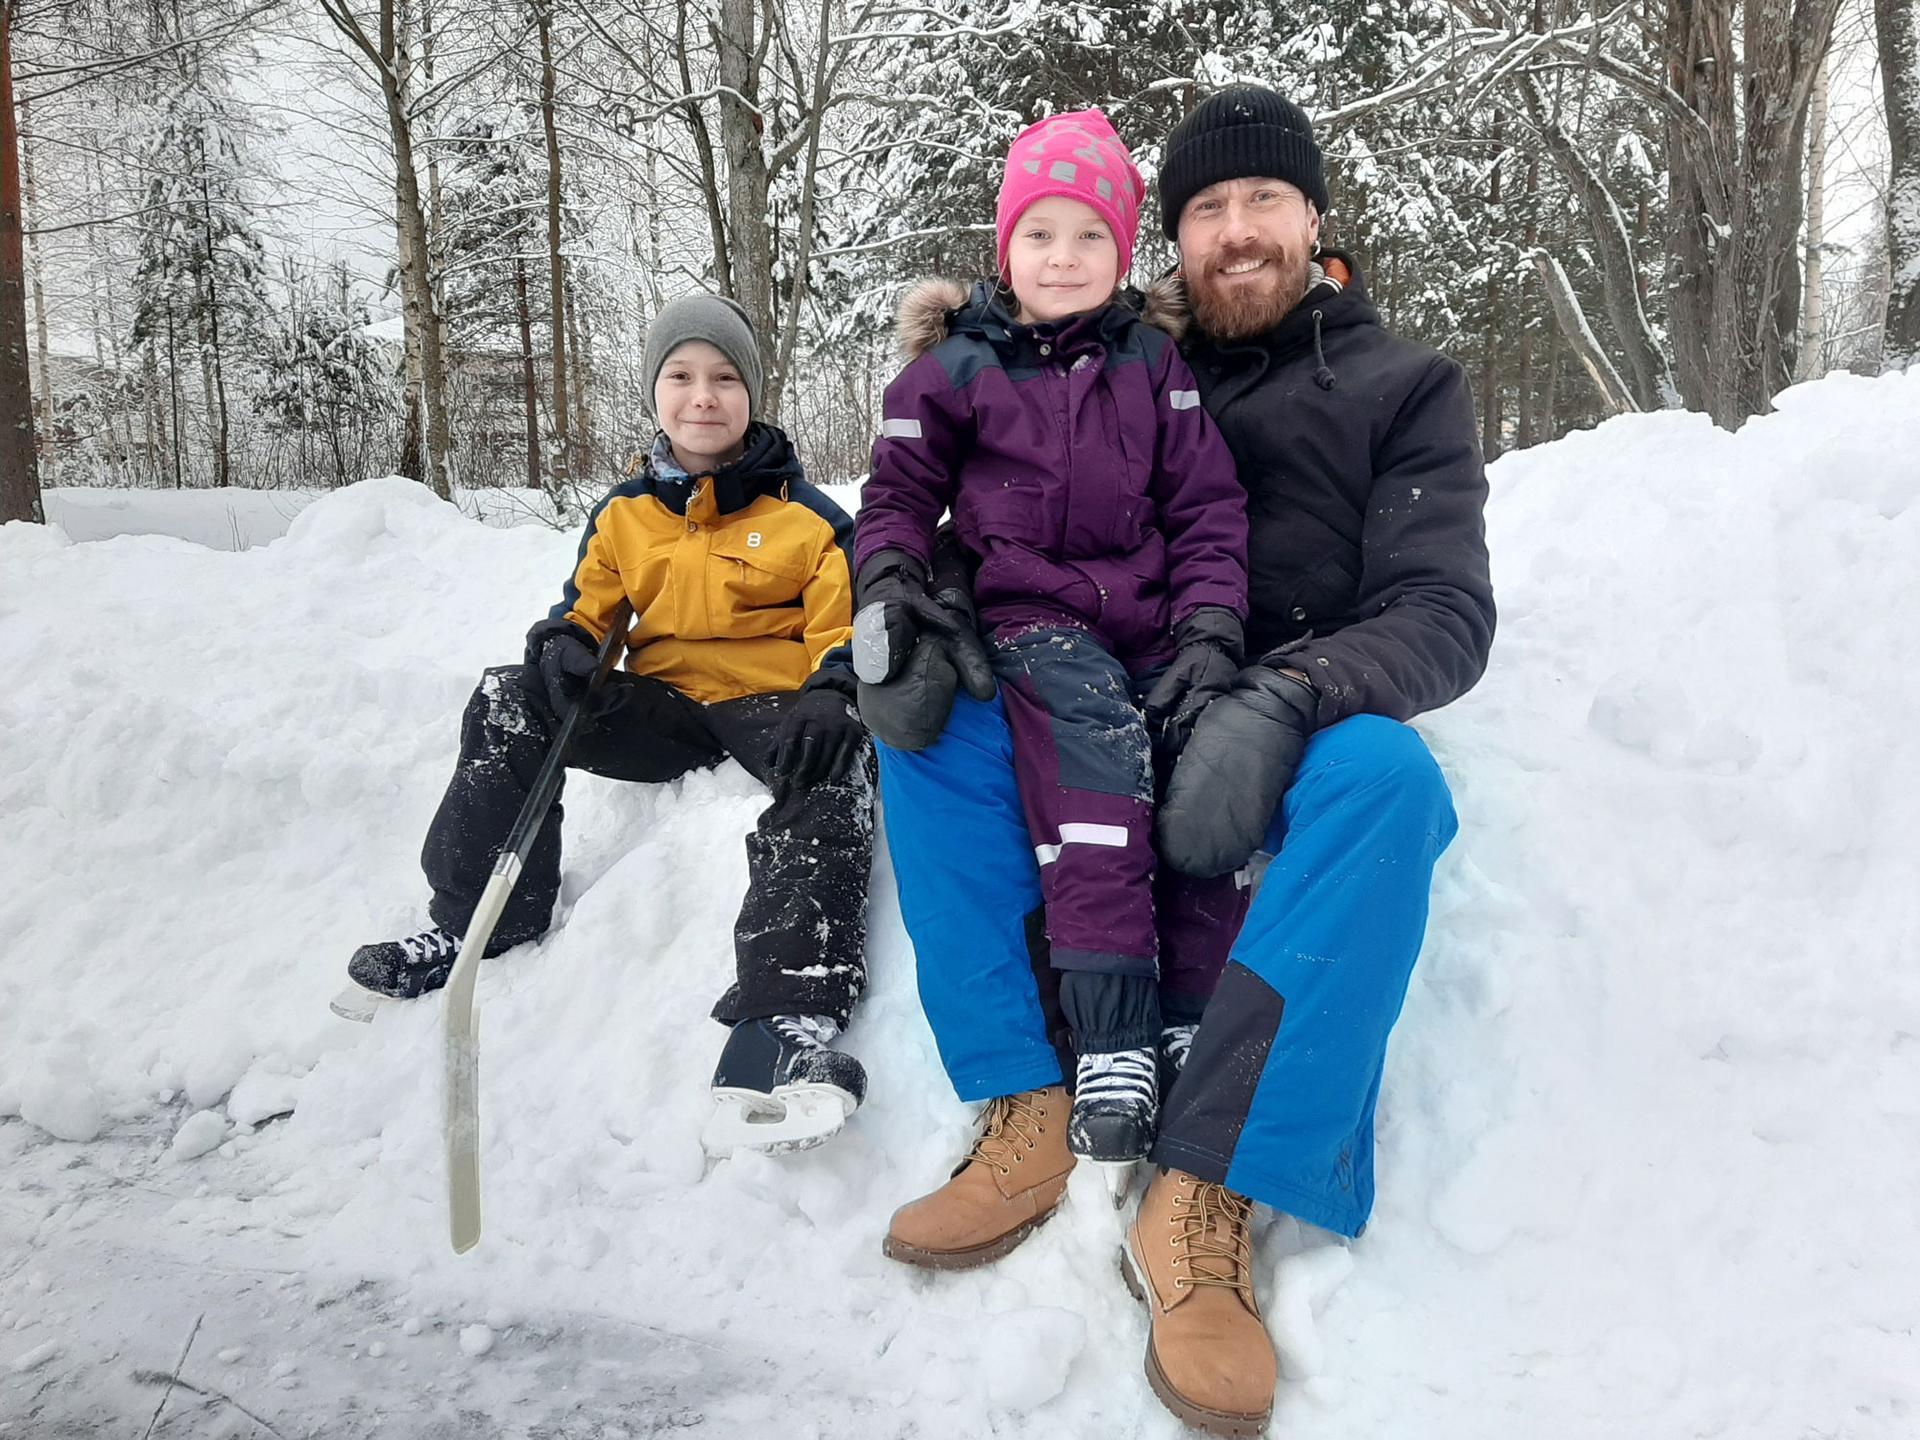 Juha Mäkelä oli lastensa Oivan ja Ilmin kanssa luistelemassa Suoraman koulun kentällä maanantaina. Juha Mäkelä lähettää terveiset kollegalleen Kari Luomaharjulle, jota Mäkelä sanoo arvostavansa myös rumpalina.